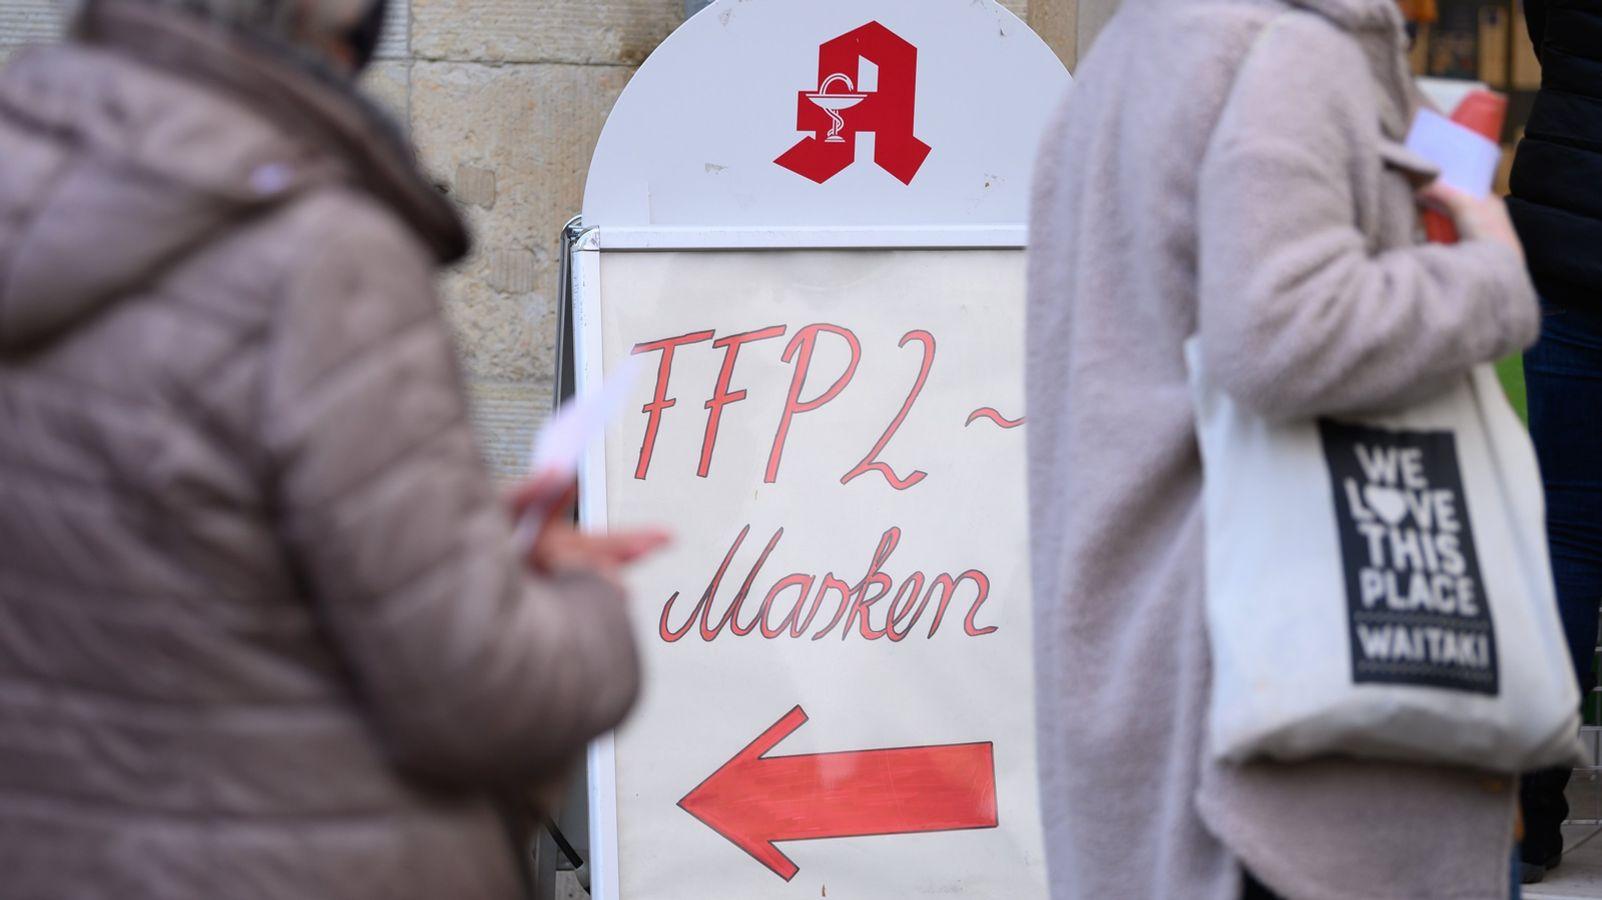 FFP2-Masken: Produktion läuft auf Hochtouren   BR24